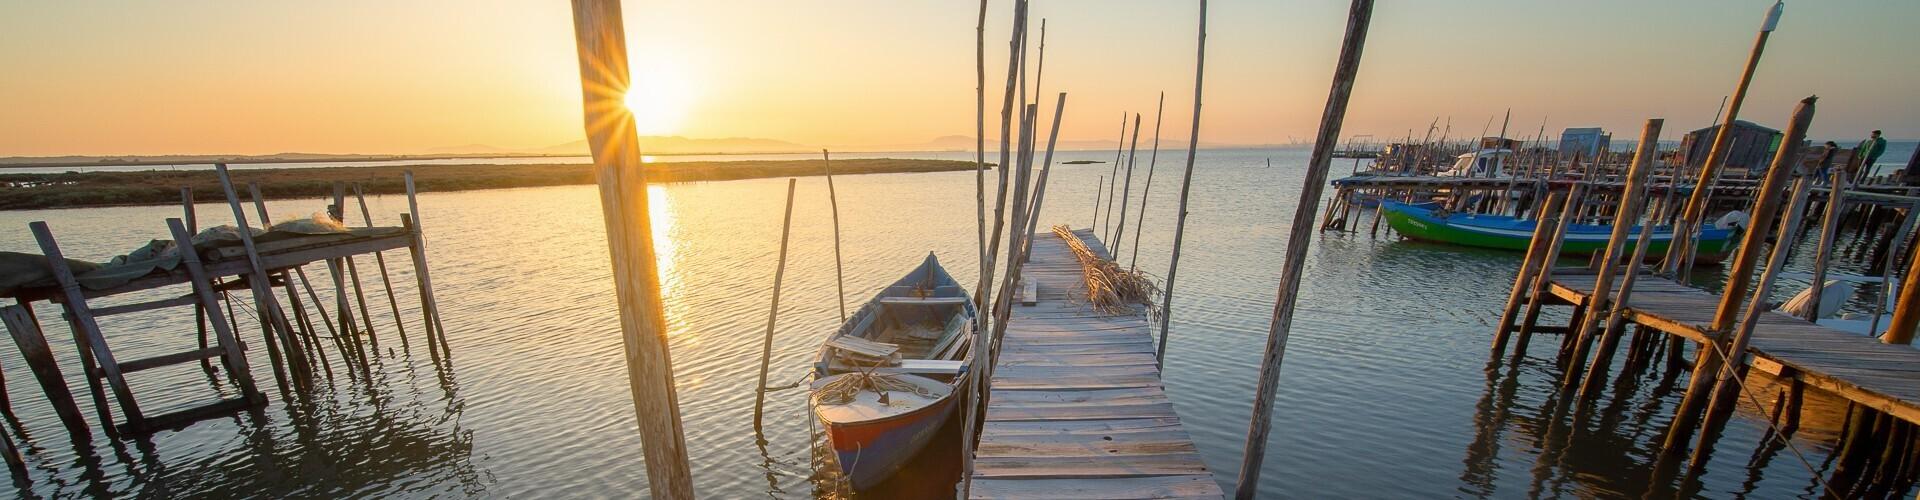 voyage photo portugal vincent frances header